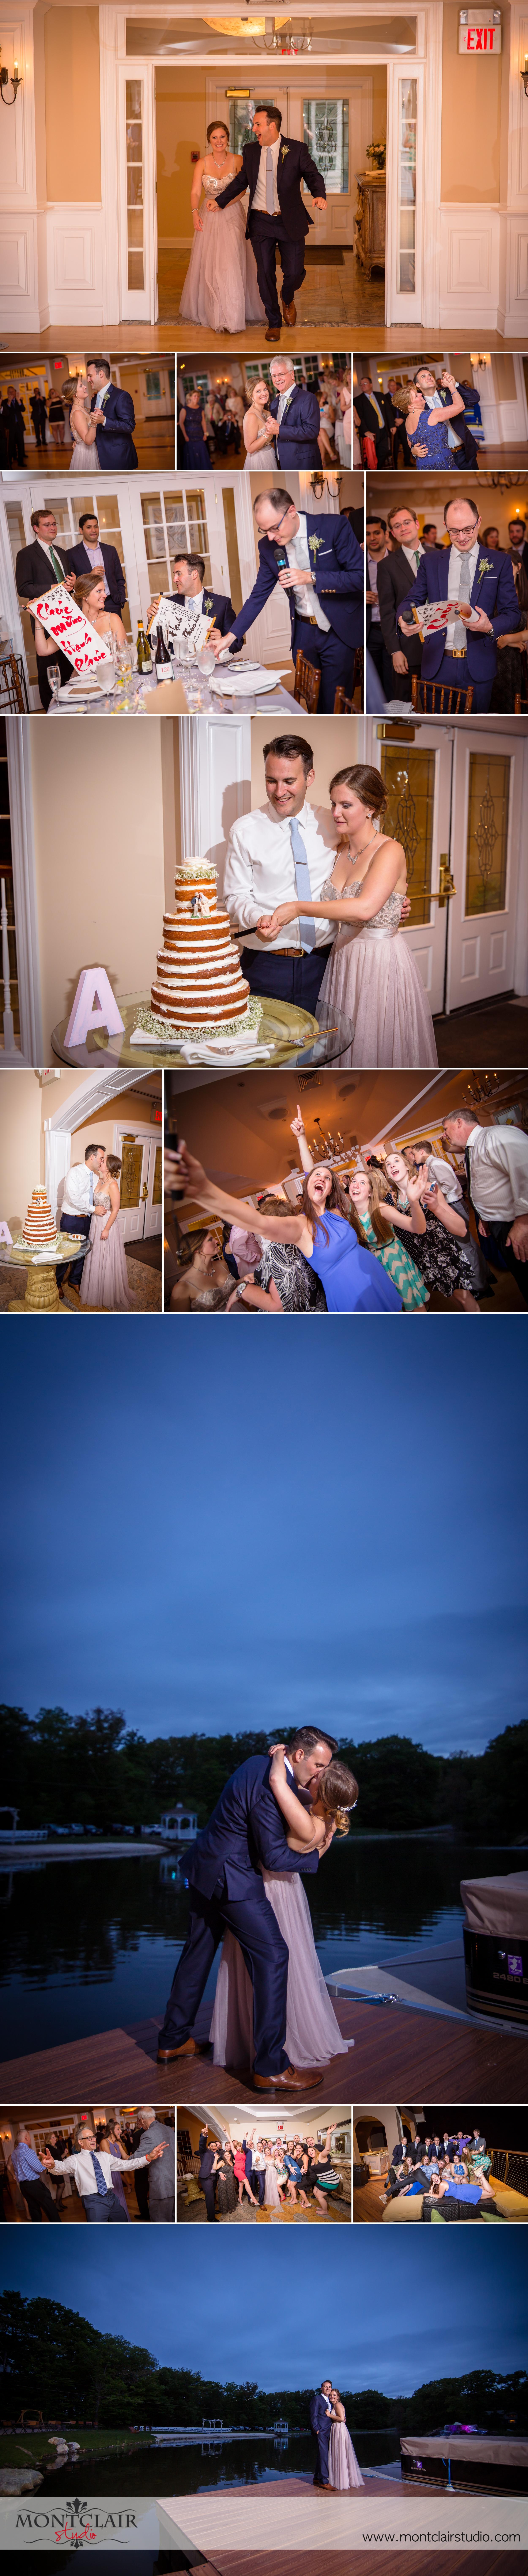 Kate and Michael Wedding  3.jpg